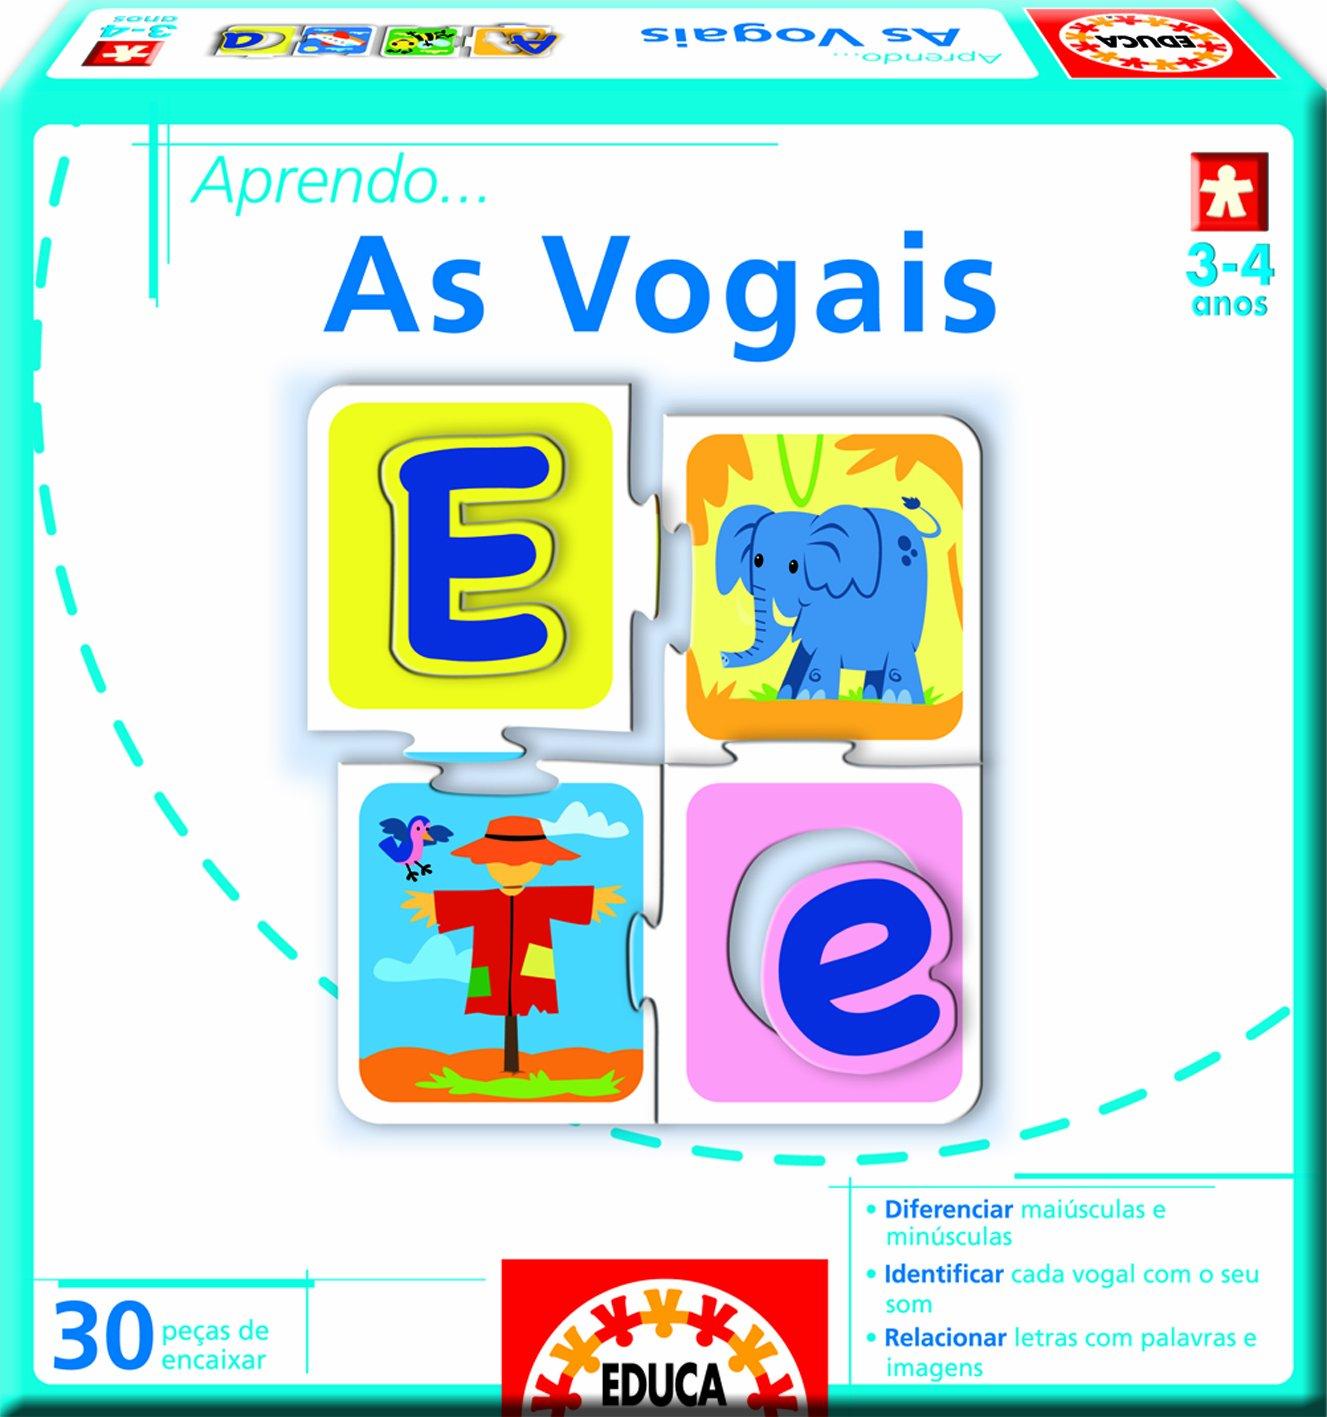 Juegos educativos Educa - Aprendo as... vogais, en portugués (14240): Amazon.es: Juguetes y juegos